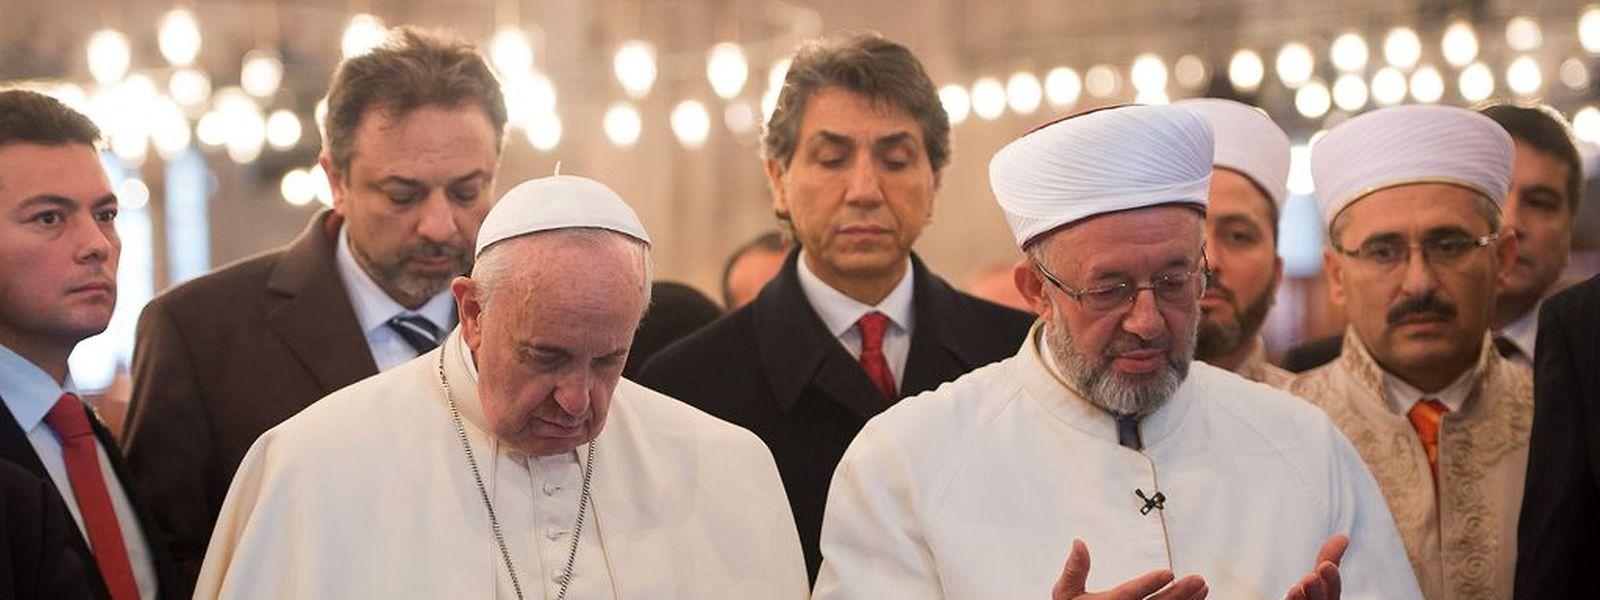 Papst Franziskus besuchte am Samstag die blaue Moschee und hielt inne.